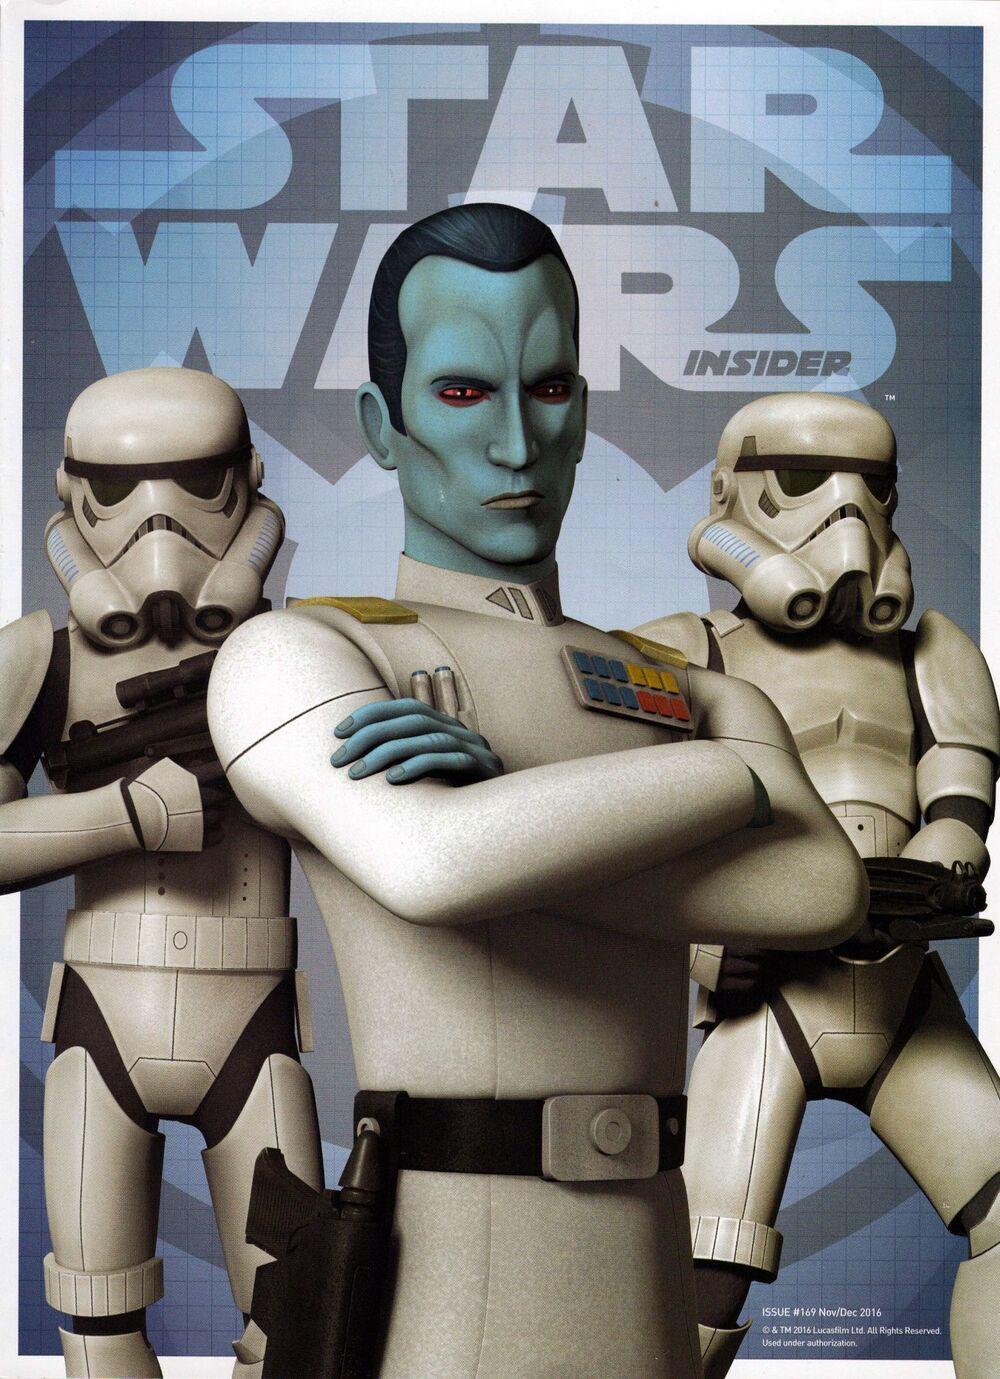 Star Wars Insider 169 Subscriber Edition